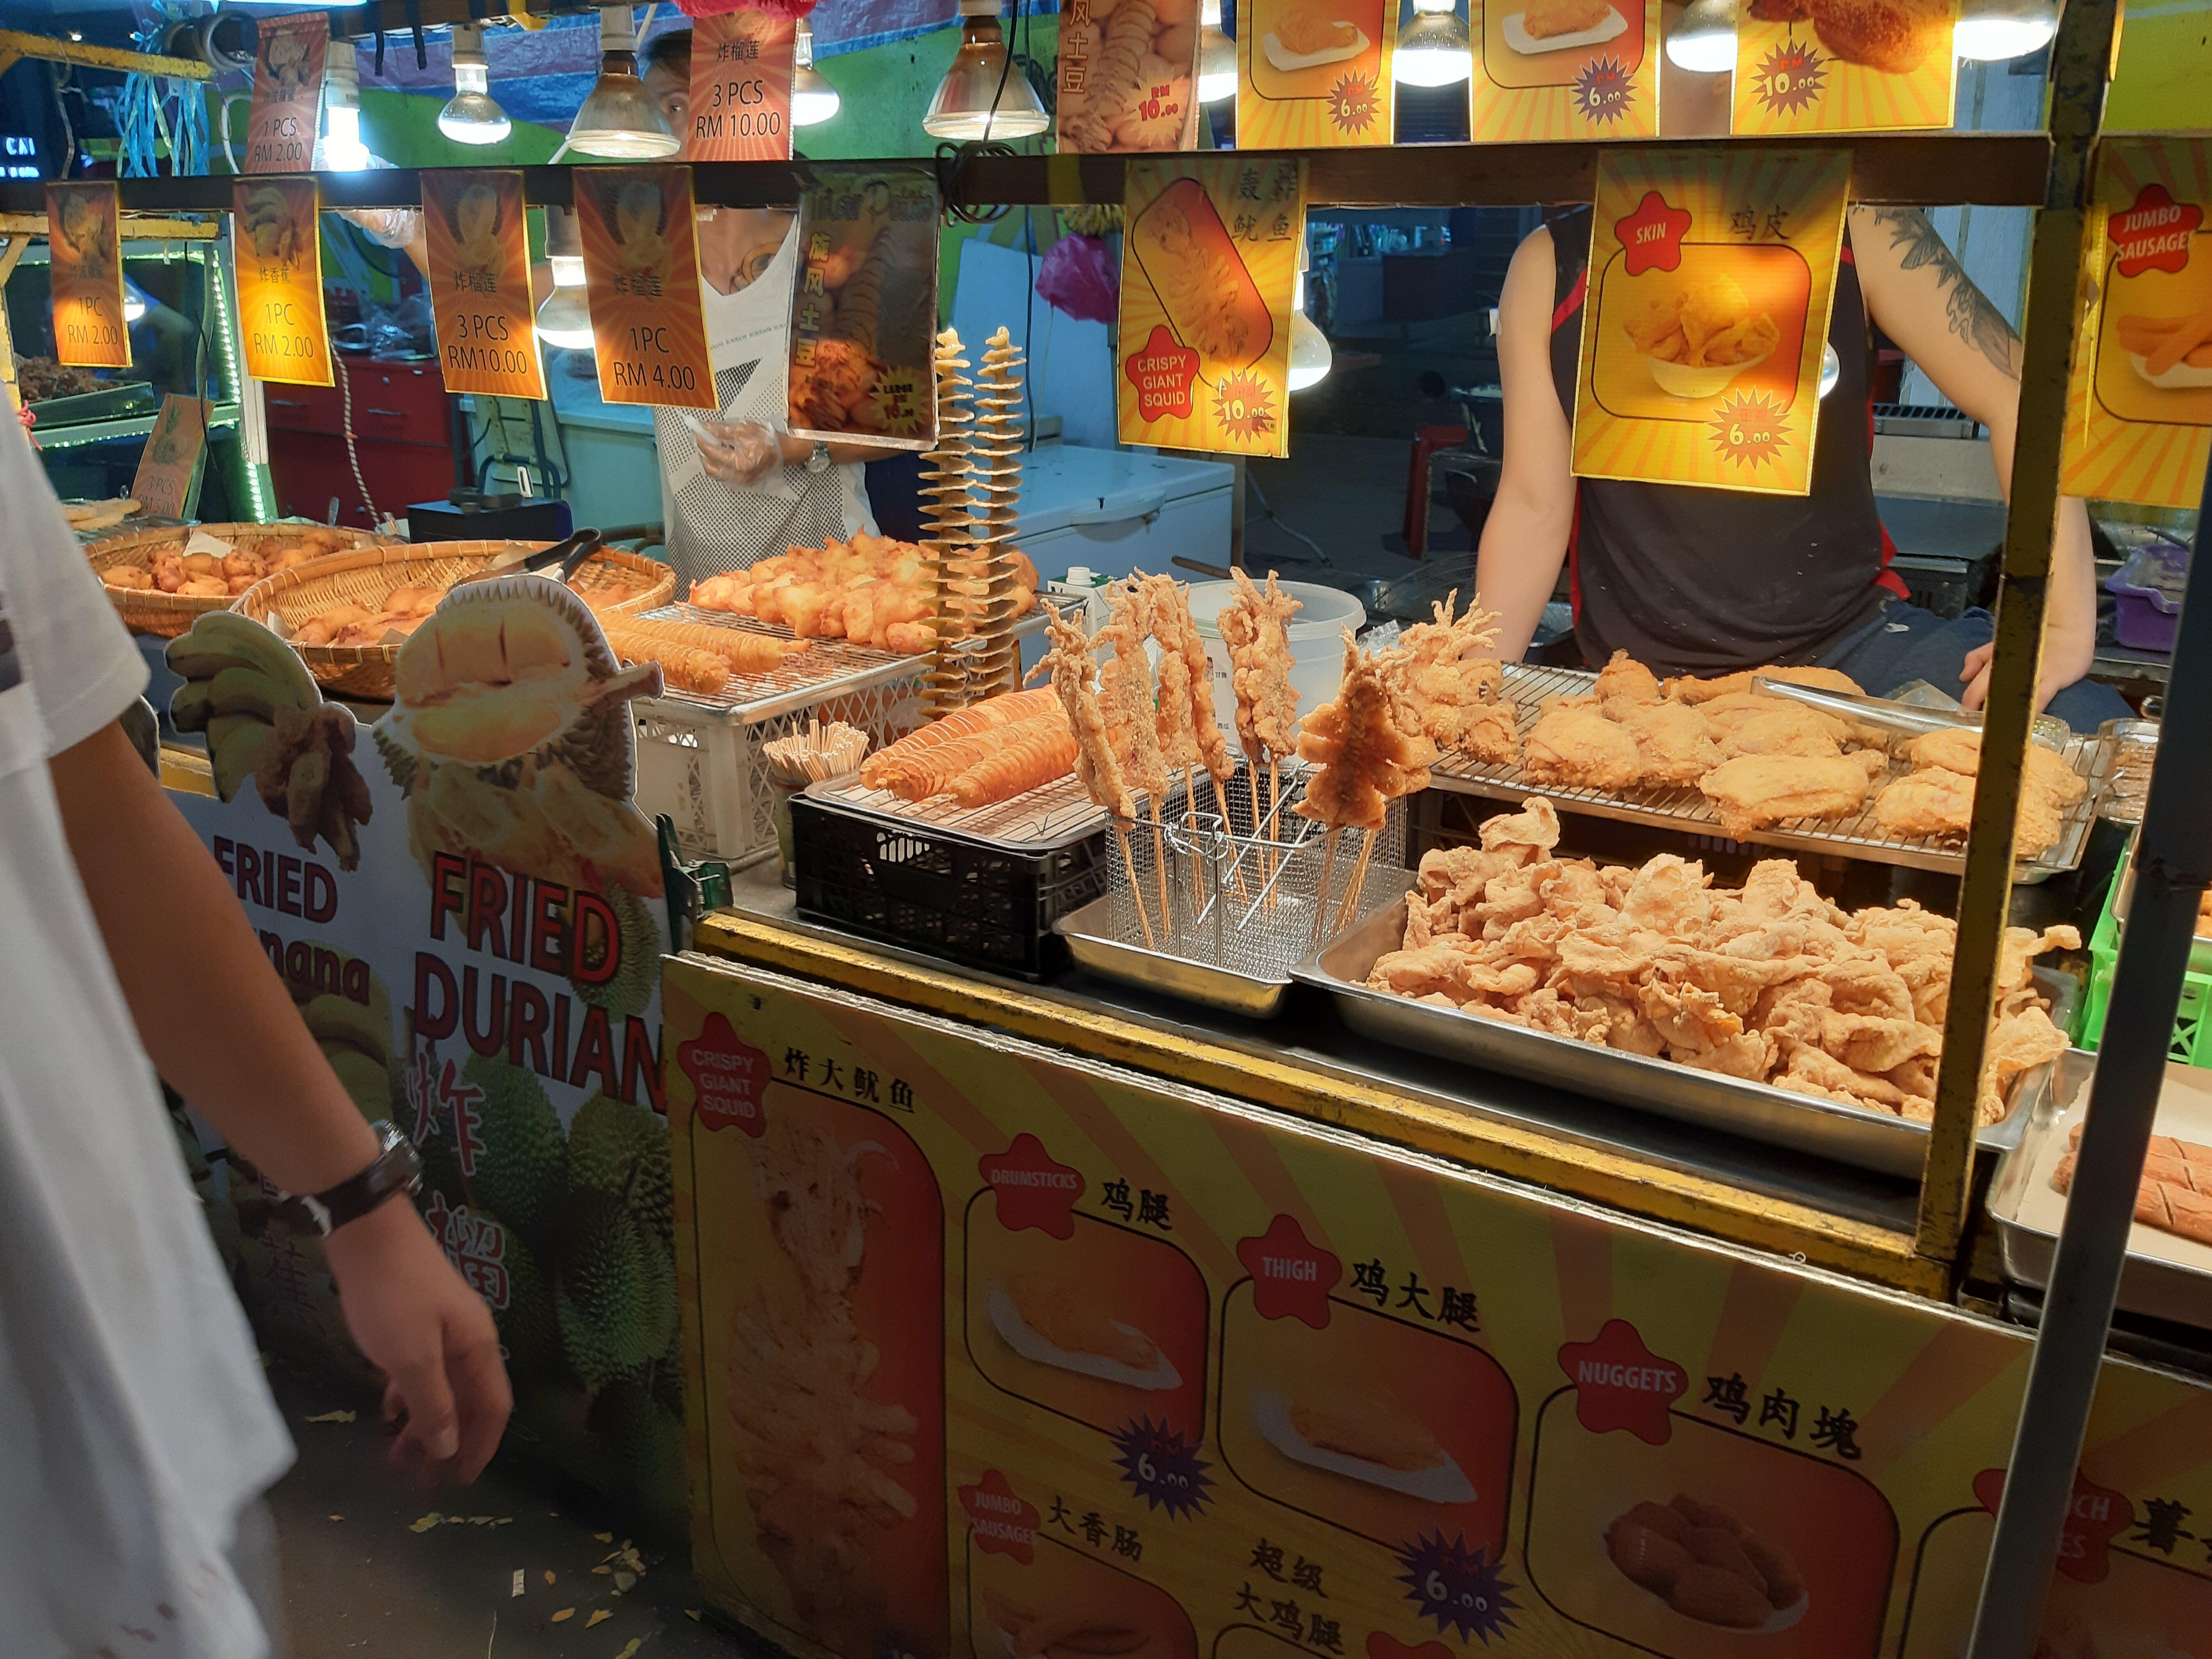 Street food at the Jalan Alor night market